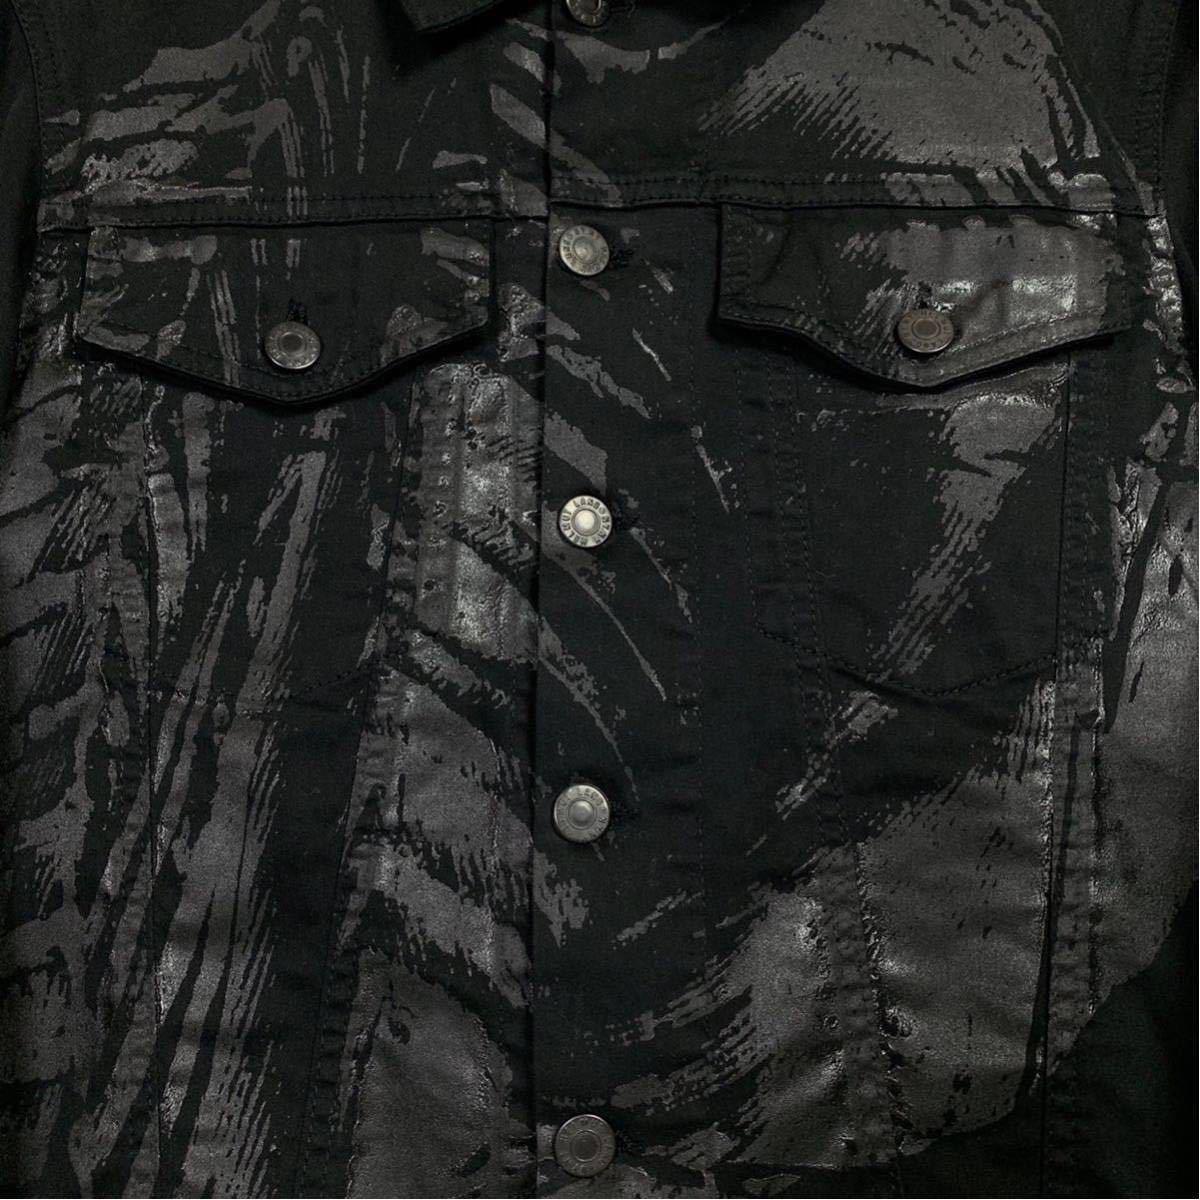 Helmut Lang 初期 ペンキペイント ジャケット コットン ブラック ヘルムートラング イタリア製 本人期 アーカイブ 1円スタート メンズ_画像4